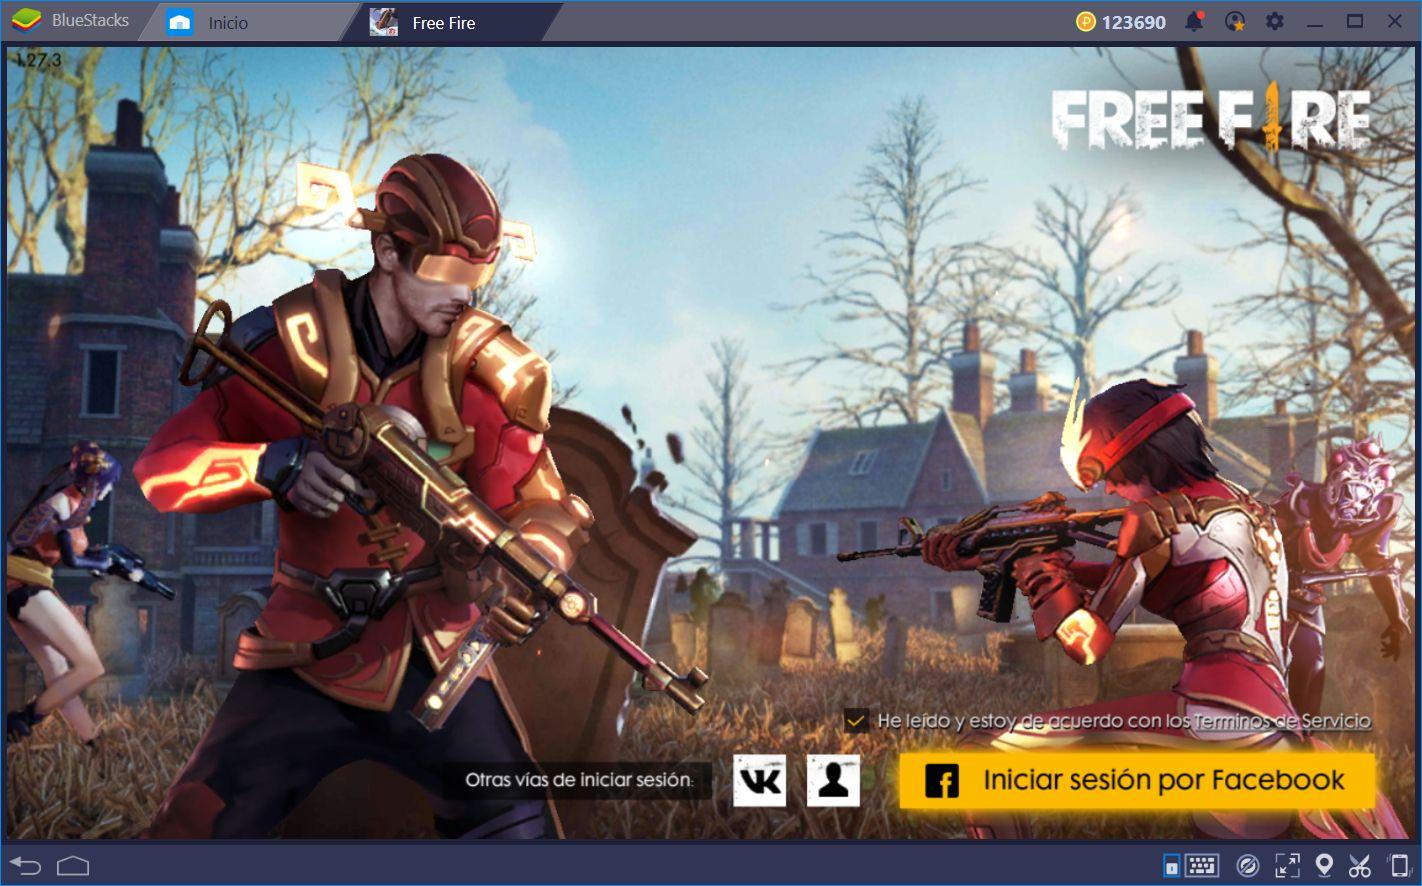 Mantente Vivo en tus Battle Royale y FPS Favoritos con la Función de Mirada Libre